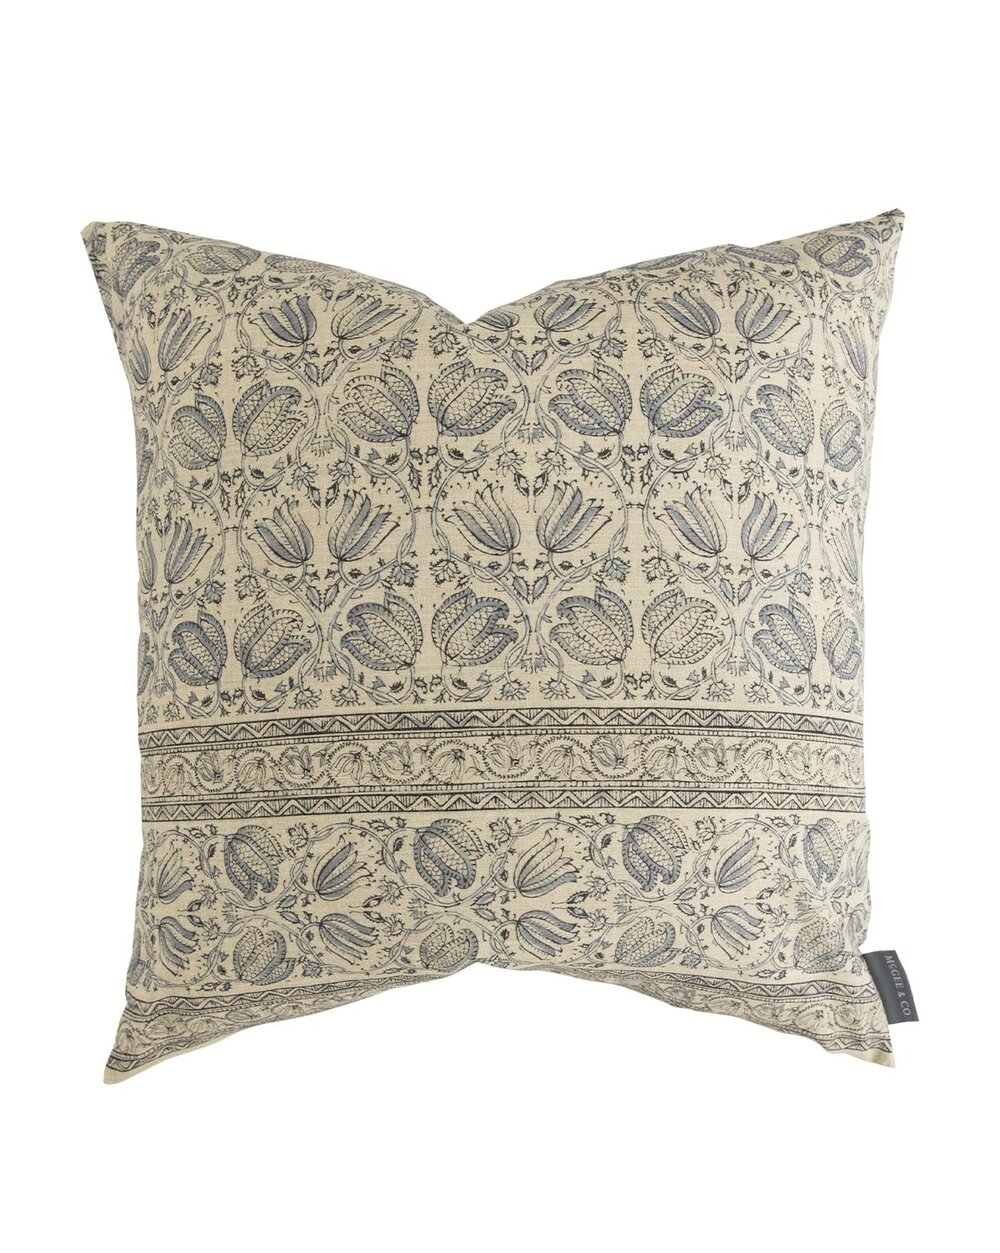 Danny_Floral_Print_Pillow_Cover1_e84444f0-f3eb-48da-b273-5014050803ce.jpg